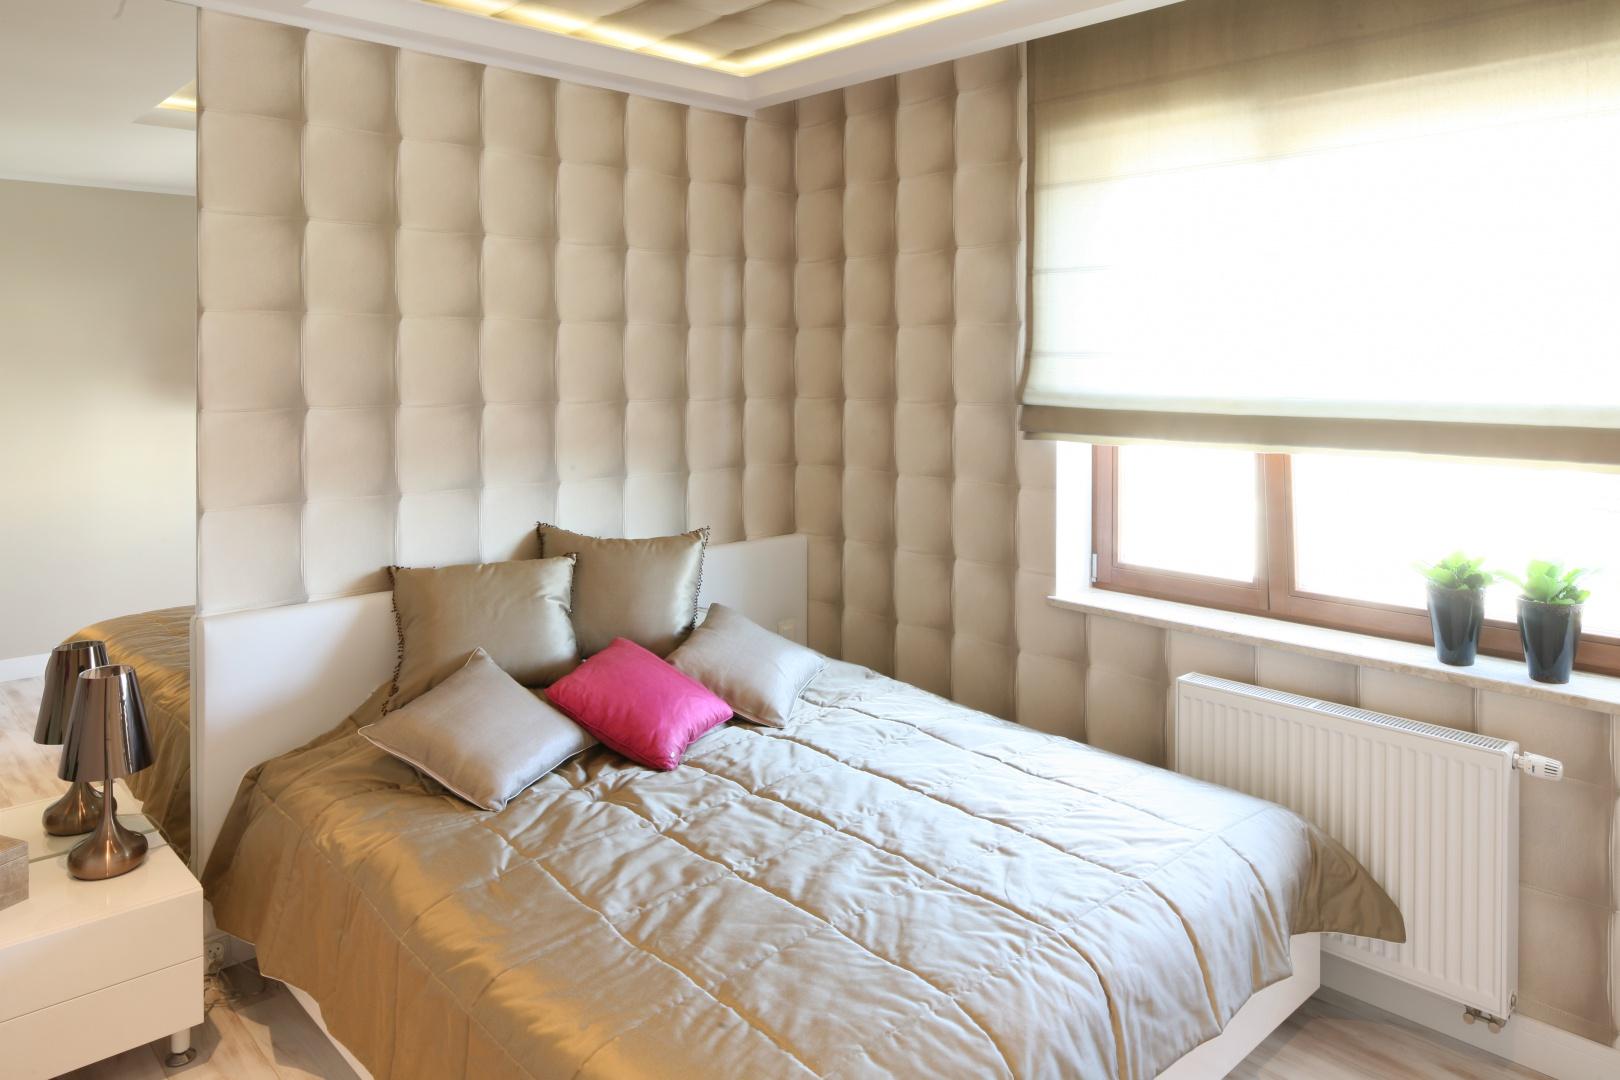 Nawet małe wnętrze można urządzić oryginalnie i stylowo.  Projekt: Karolina Łuczyńska. Fot. Bartosz Jarosz